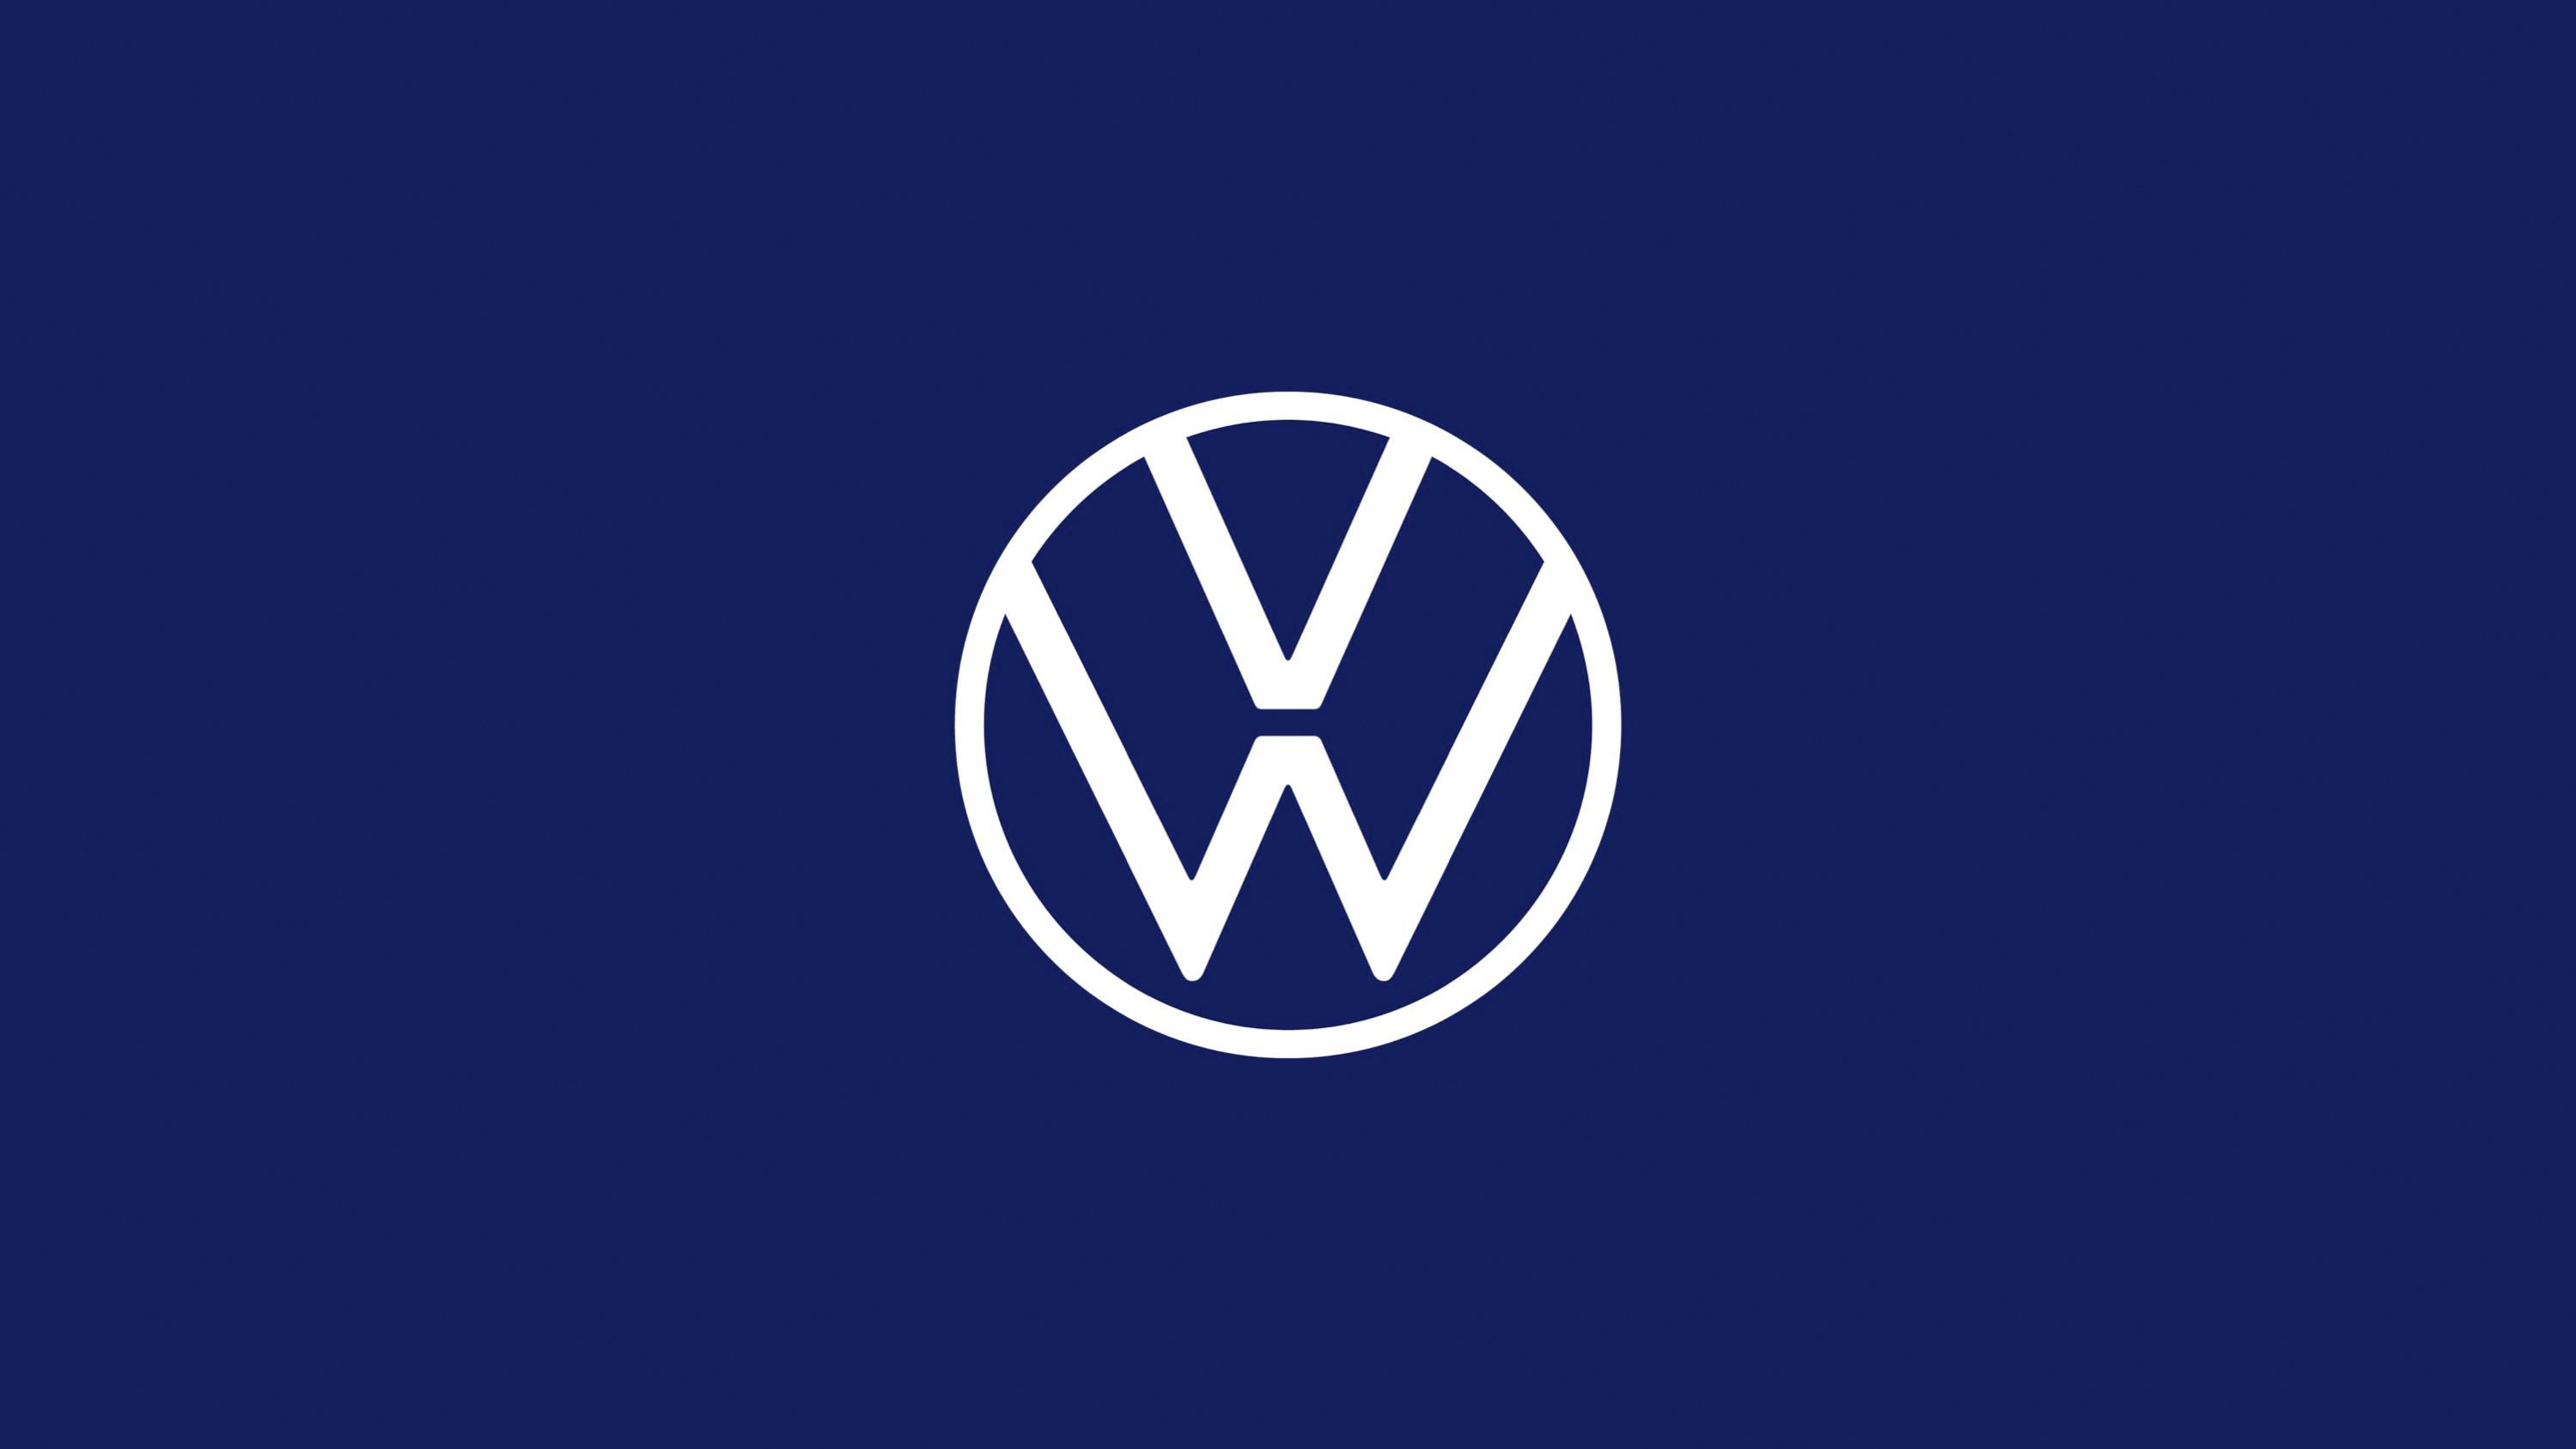 フォルクスワーゲン ロゴ